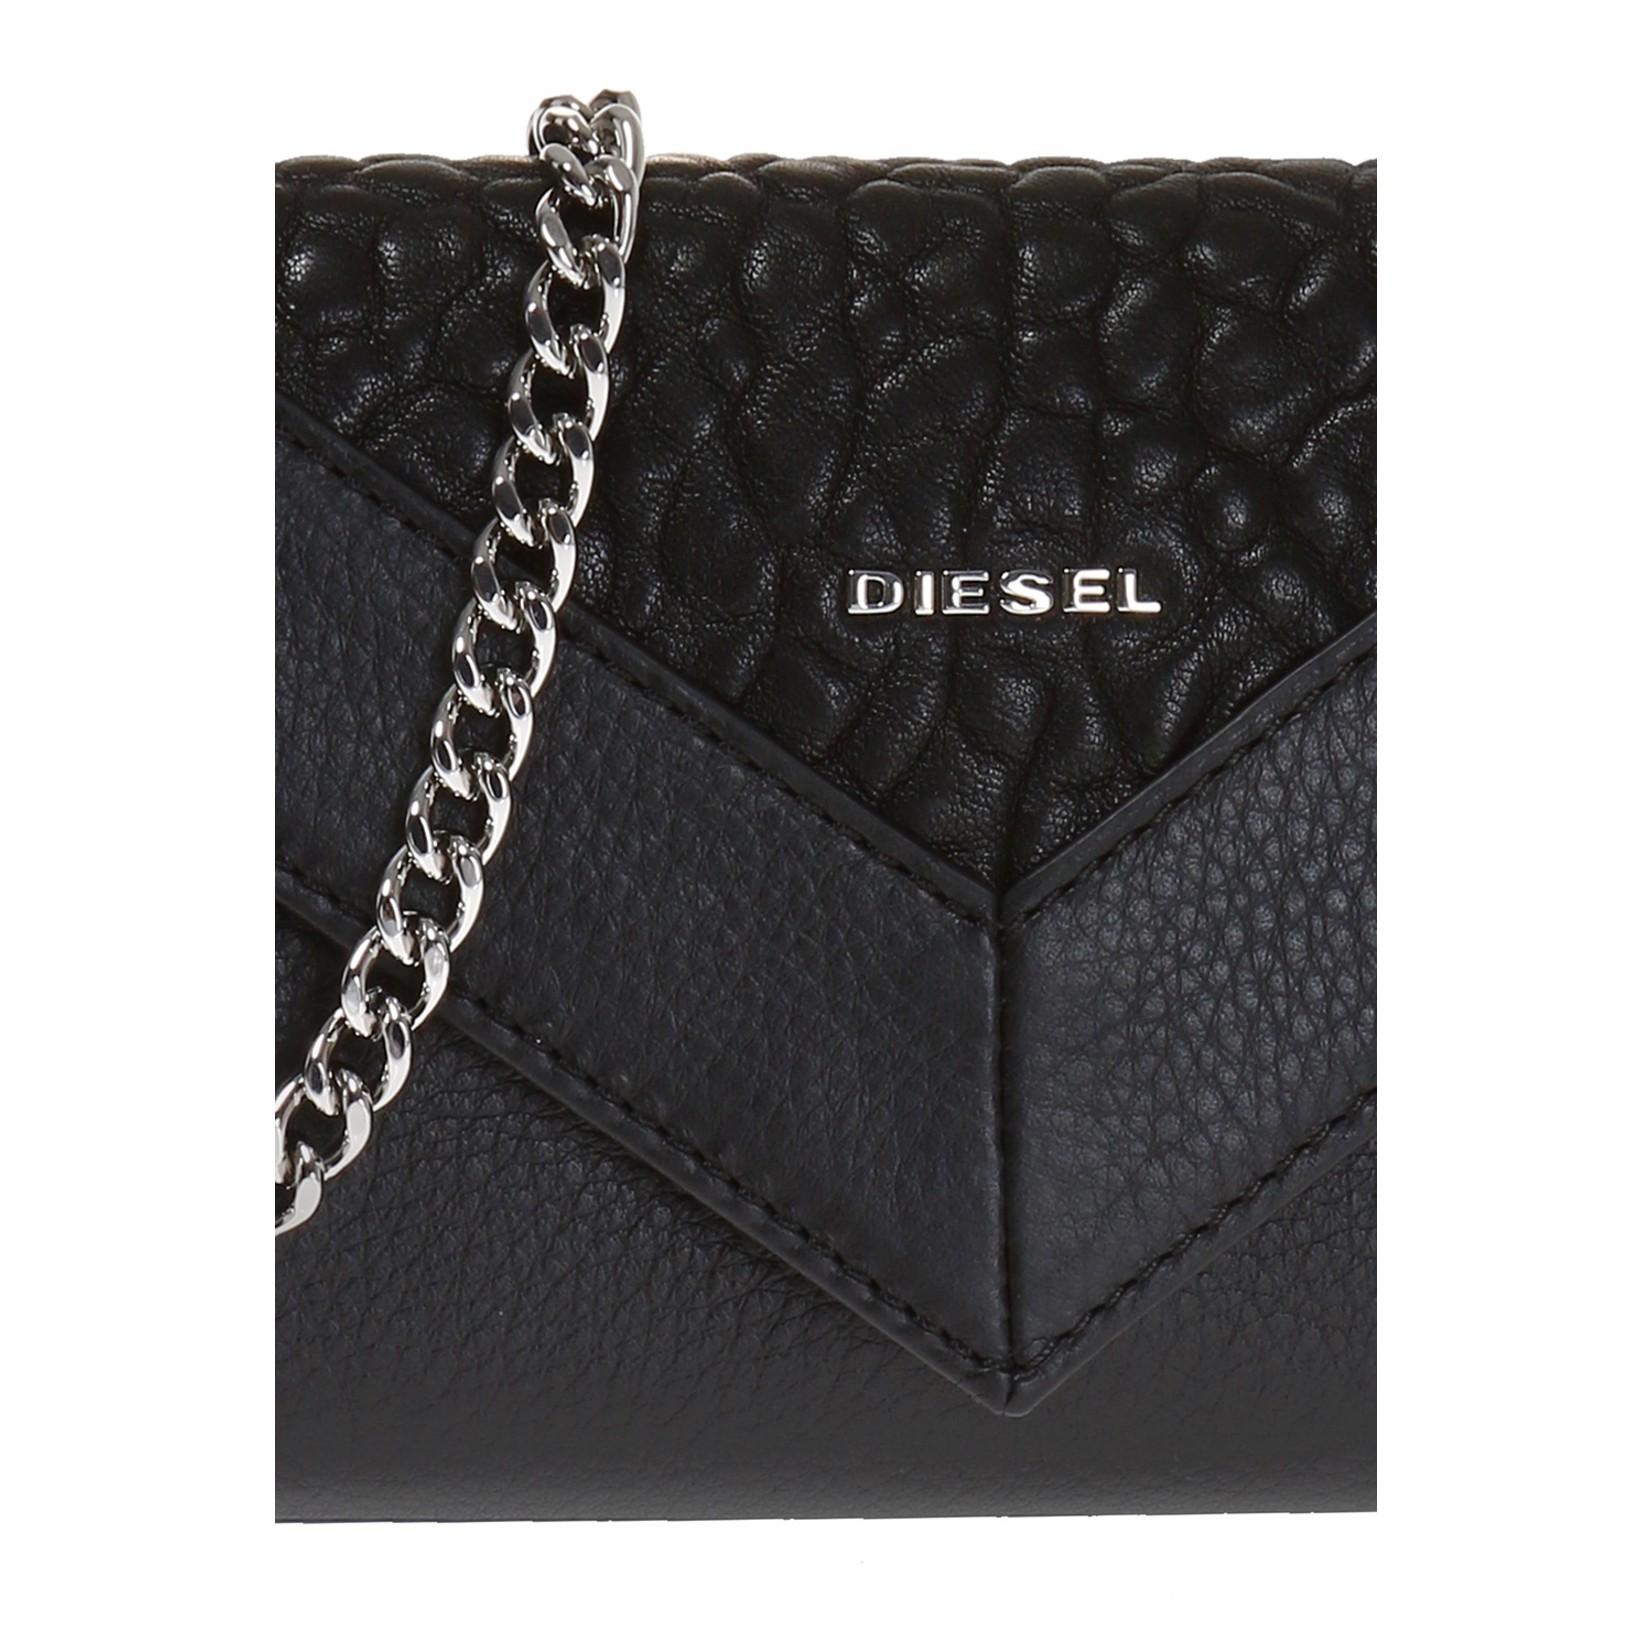 DIESEL DIESEL GIPSI WALLET ON CHAIN BAG